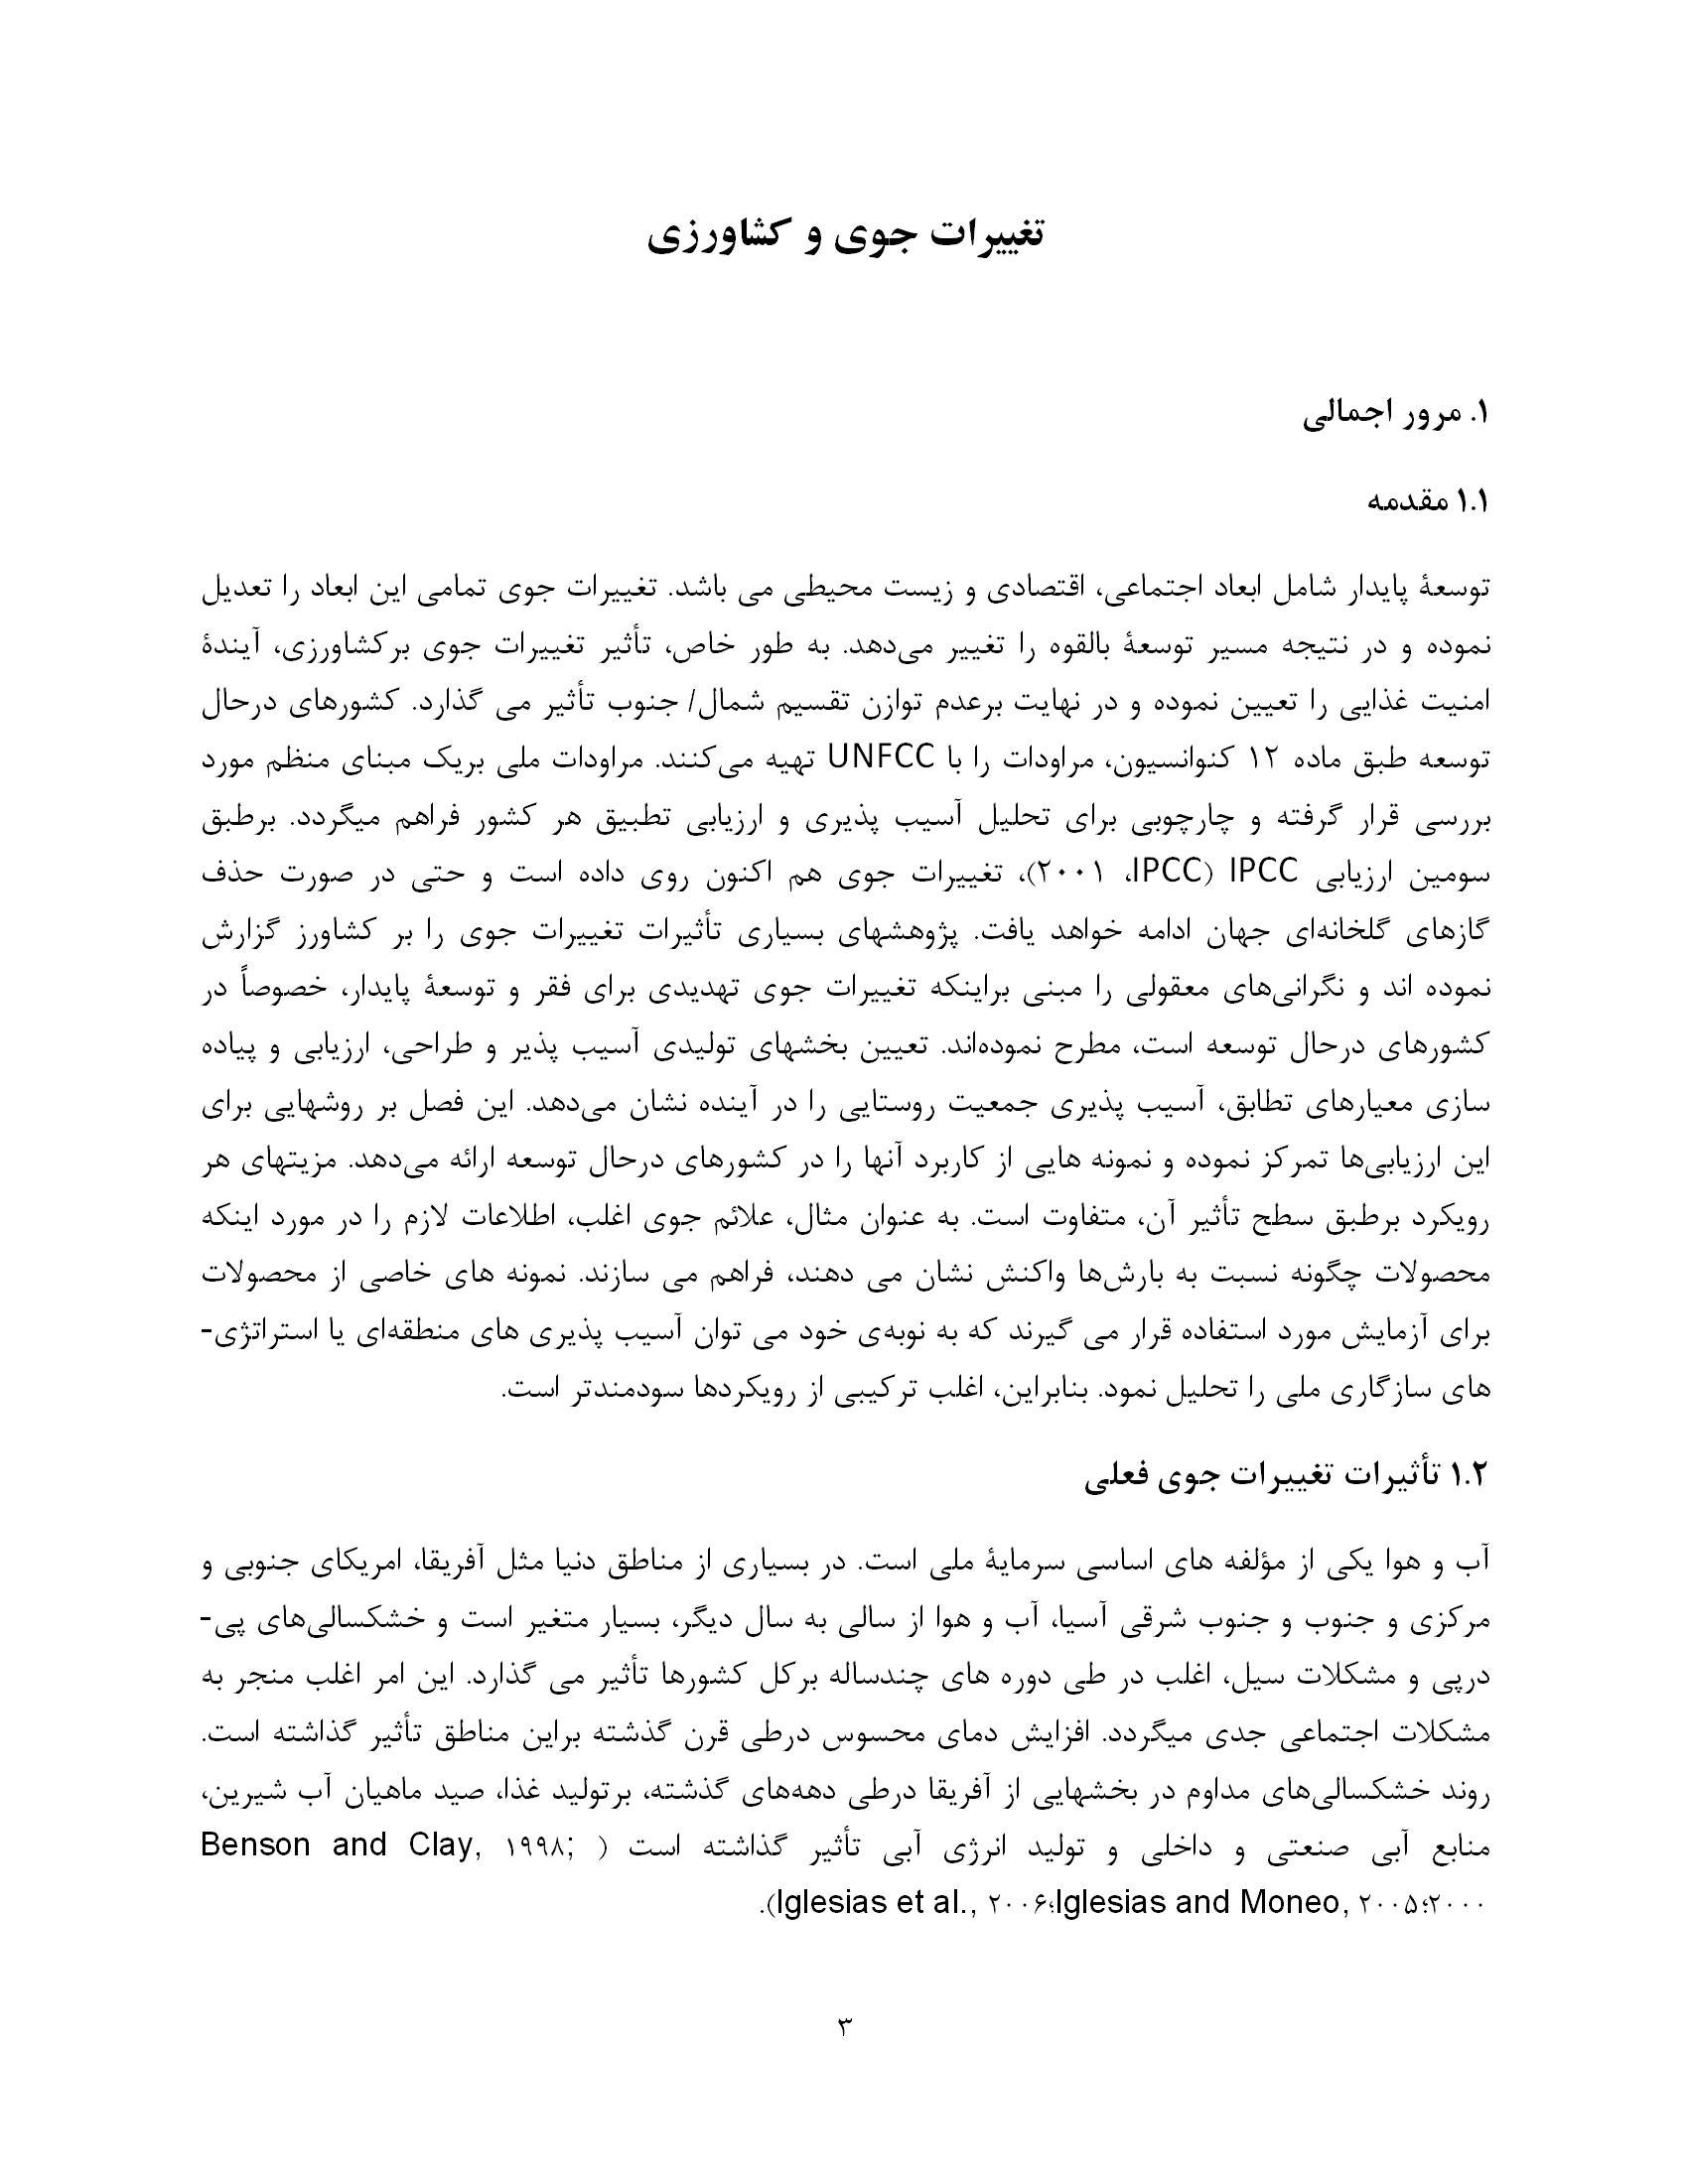 ترجمه مقاله و تحقیق - تغییرات جوی و کشاورزی 26